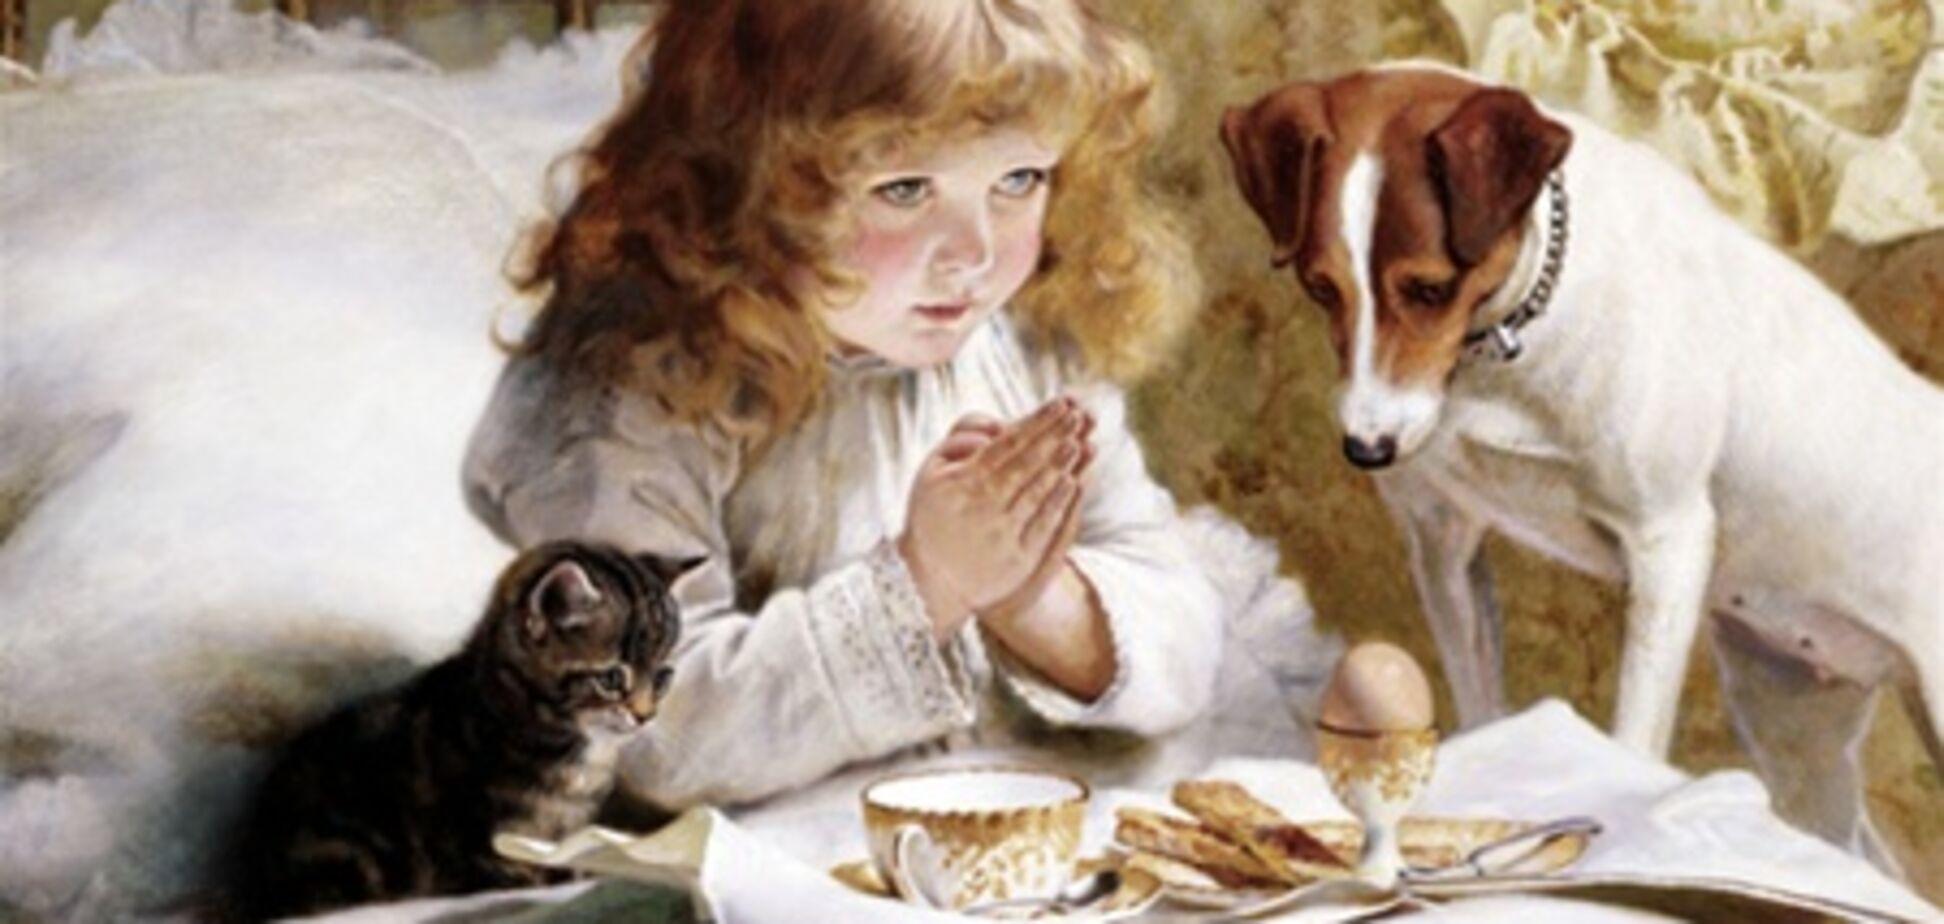 Во многих британских семьях дети голодают - благотворительный фонд